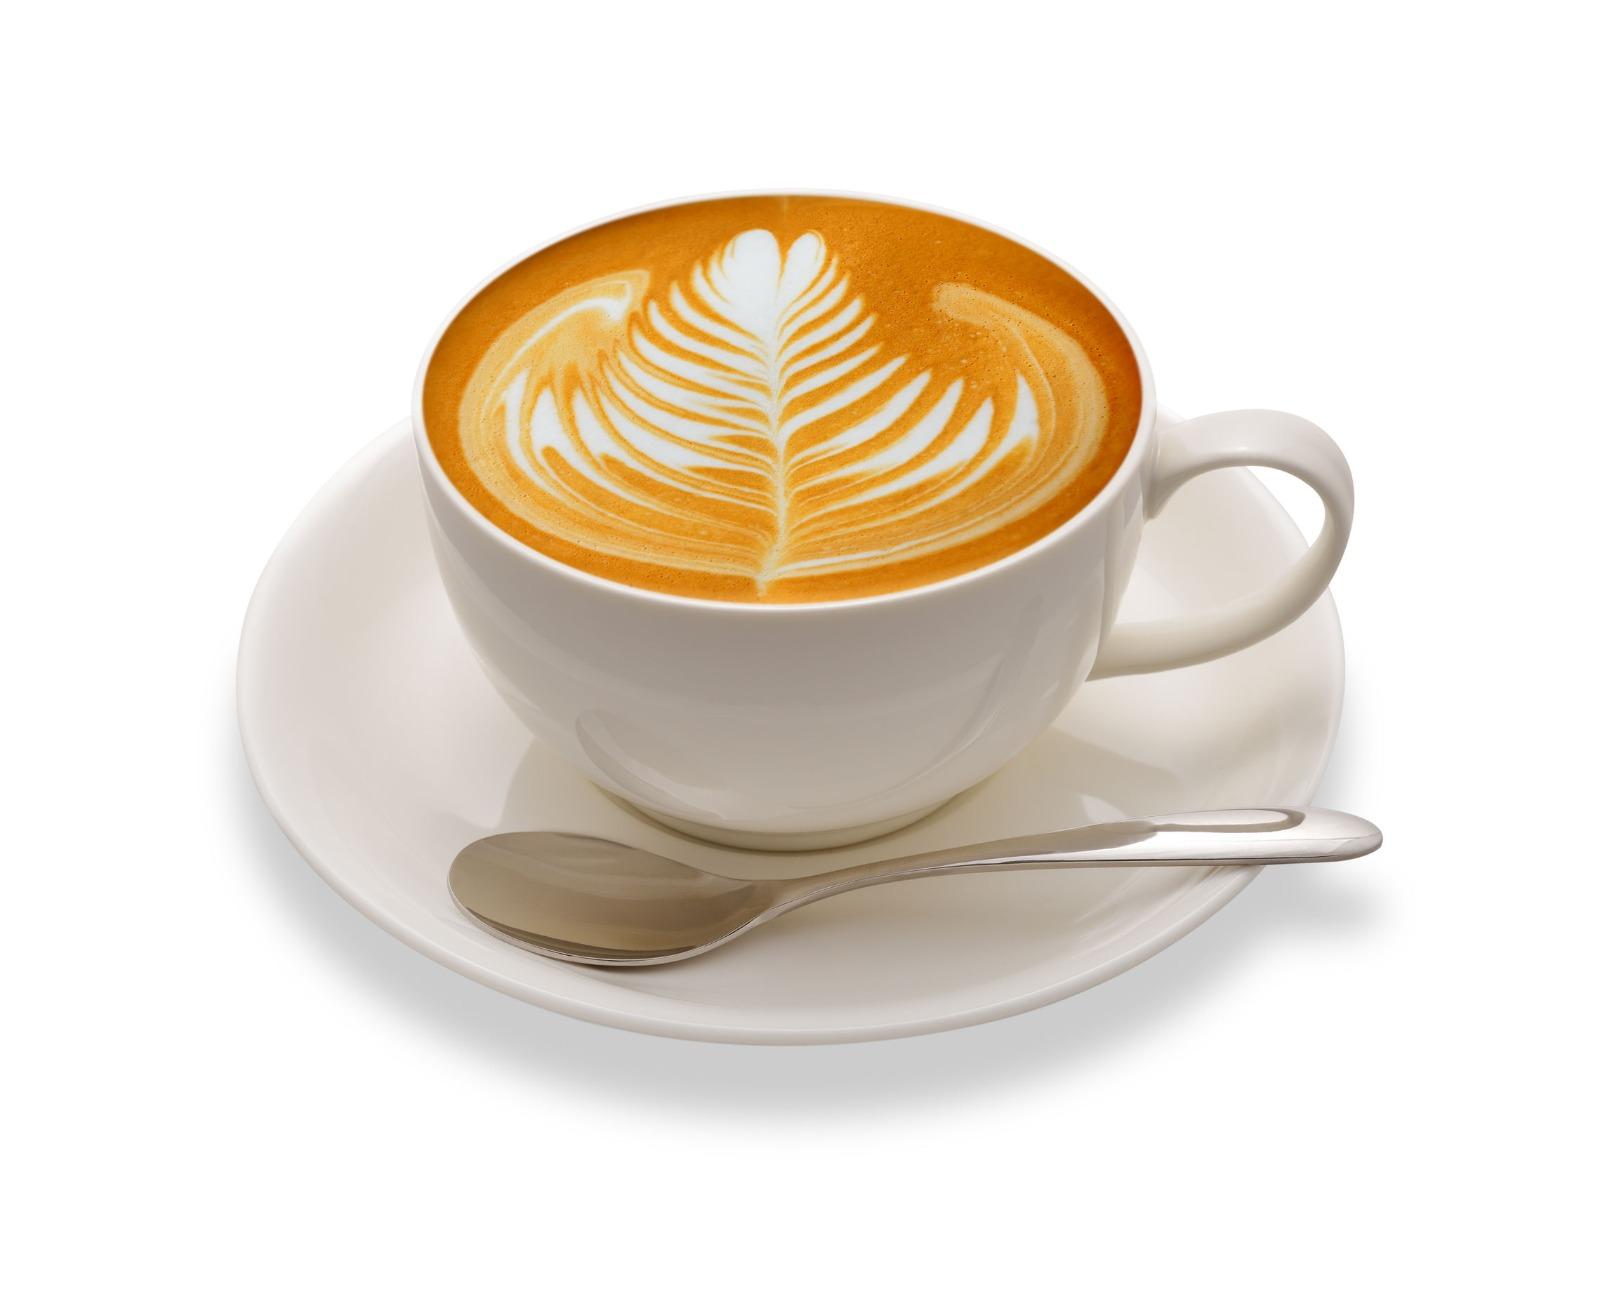 kaffee, Espresso, Cappuccino, Latte macchiato...